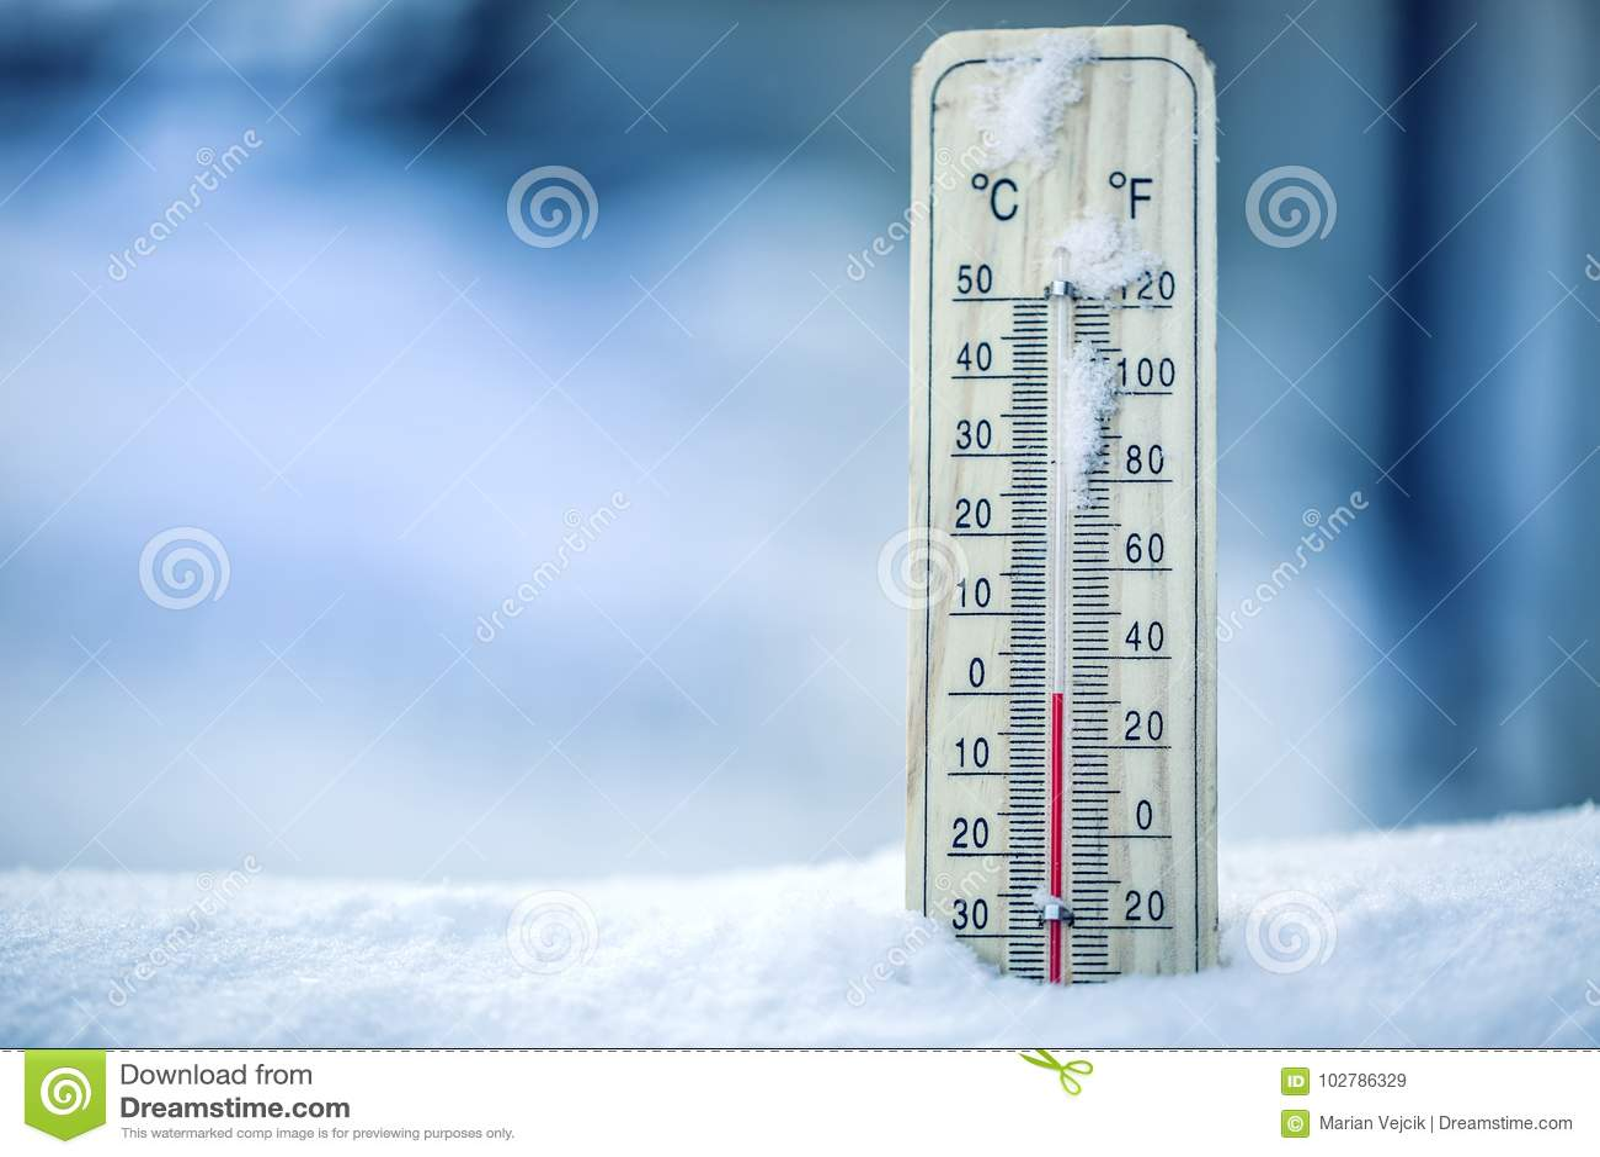 De thermometer op sneeuw toont lage temperaturen - nul Lage temperaturen in graden Celsius en Fahrenheit Koud de winterweer - nul